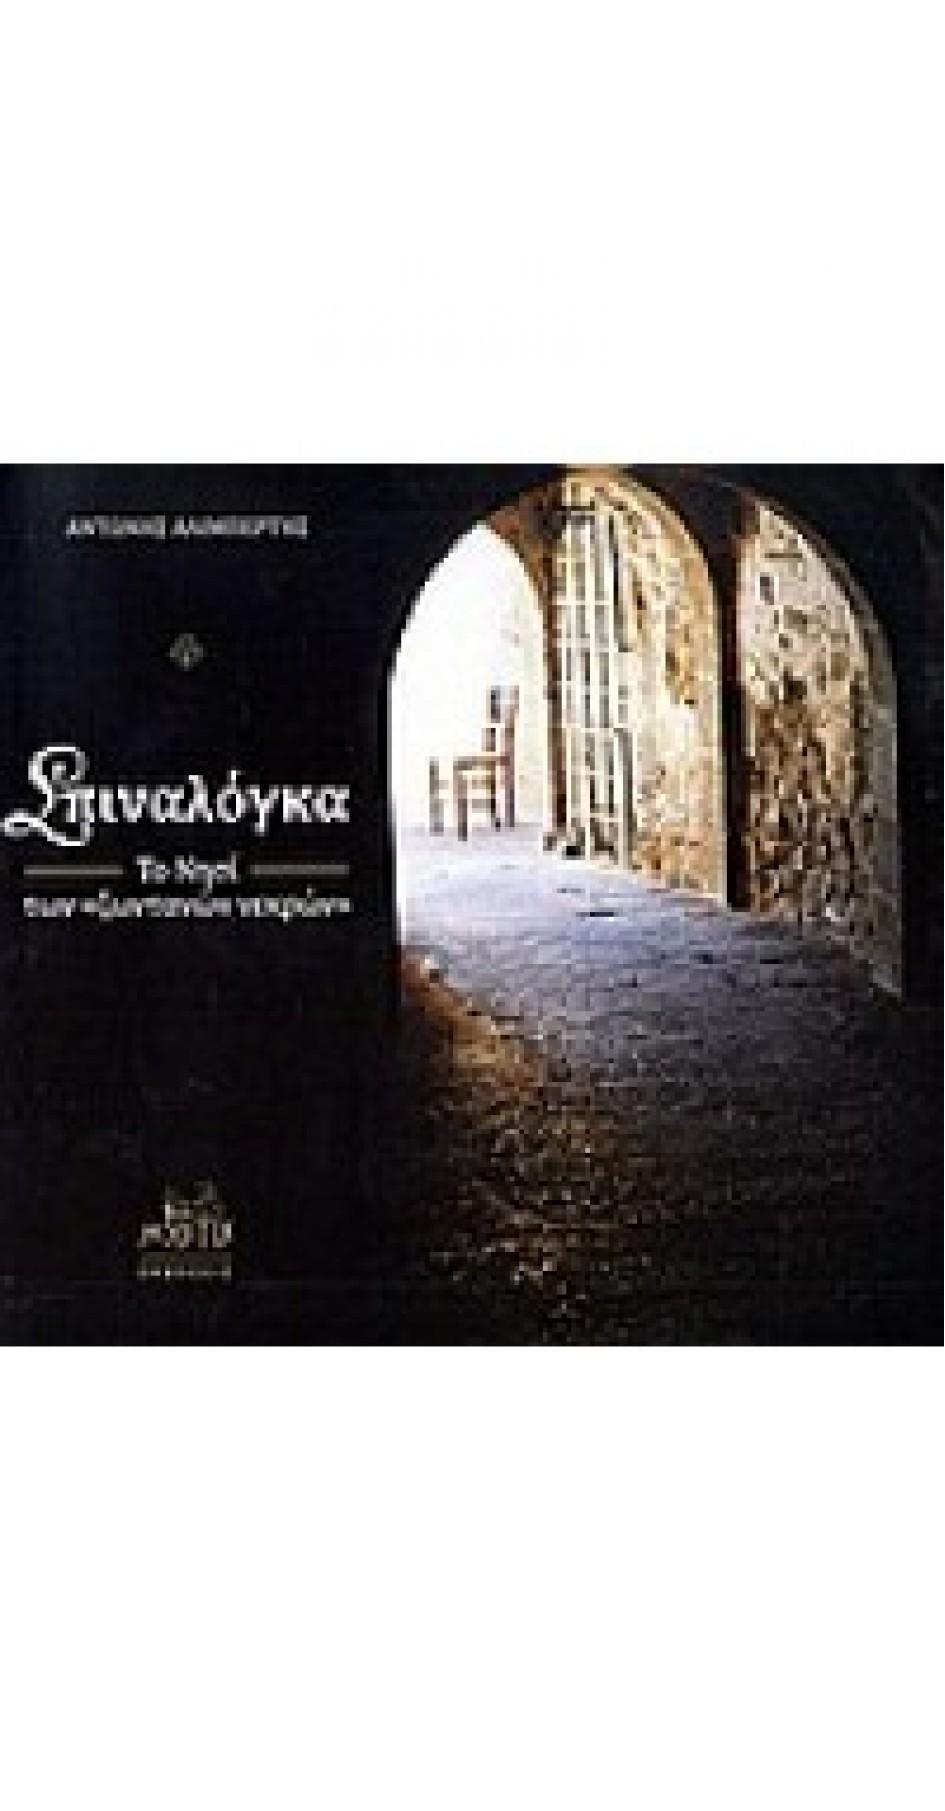 """Σπιναλόγκα, το νησί των """"ζωντανών-νεκρών"""" (book in Greek)"""